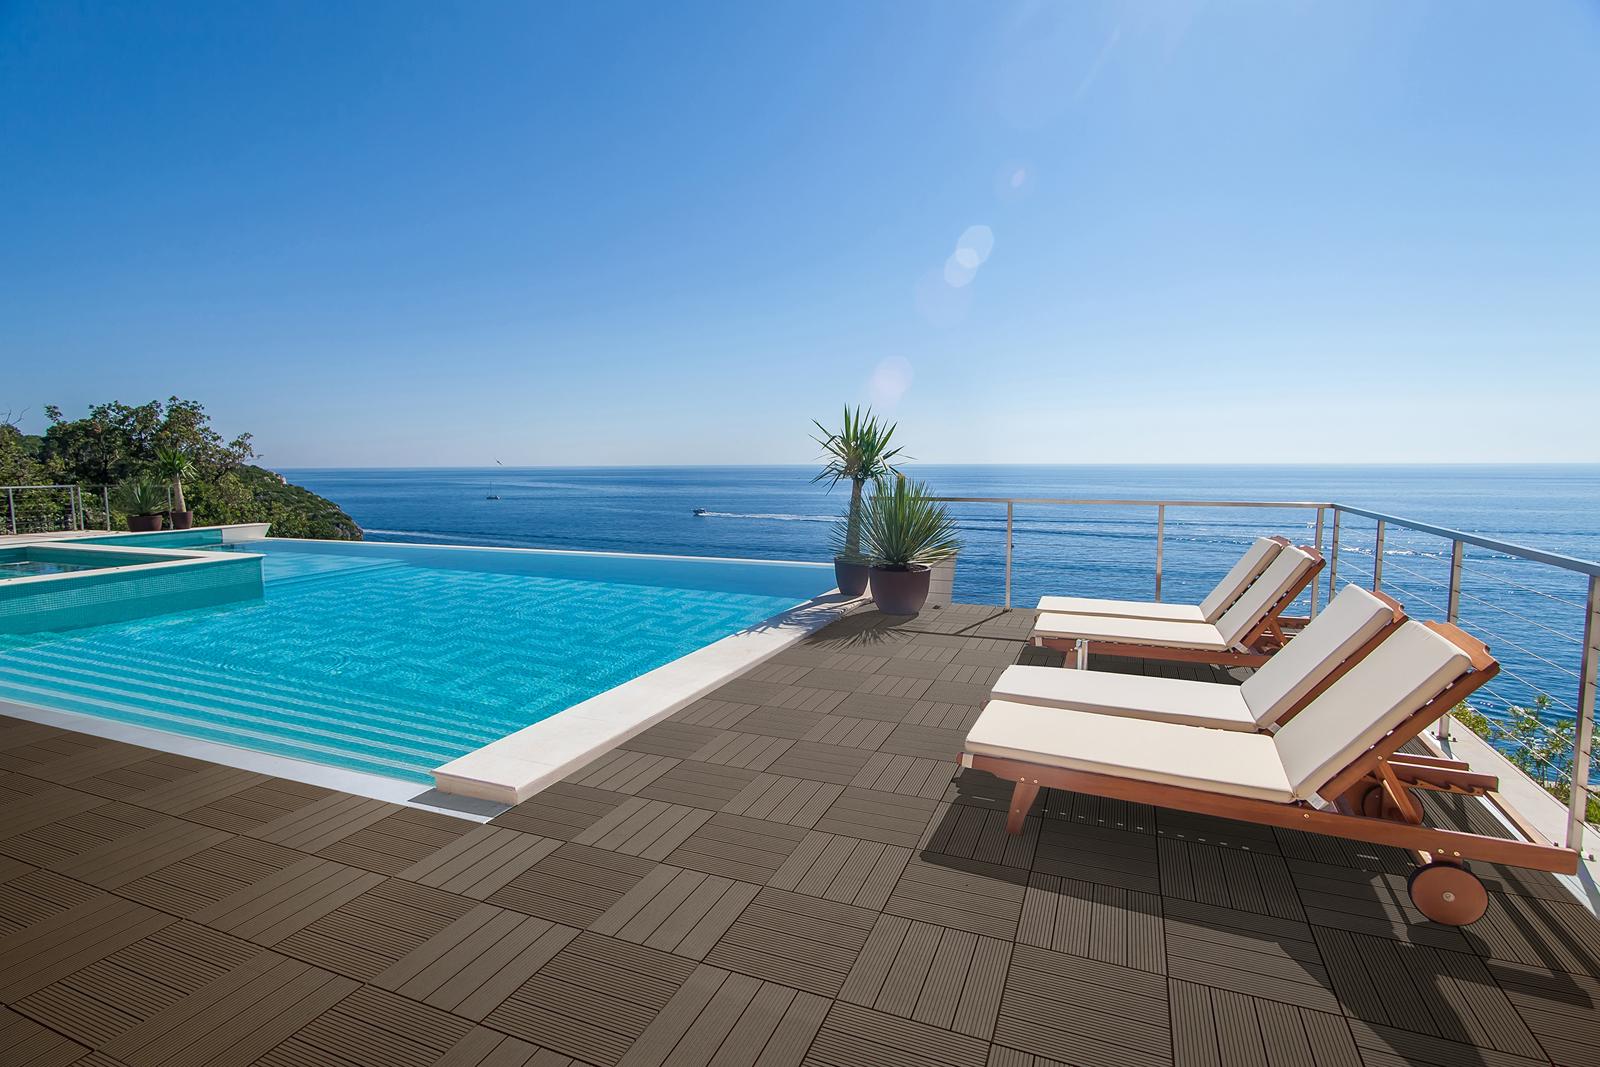 sam terrassenfliesen balkonfliesen wpc 11 st ck 1 m braun. Black Bedroom Furniture Sets. Home Design Ideas